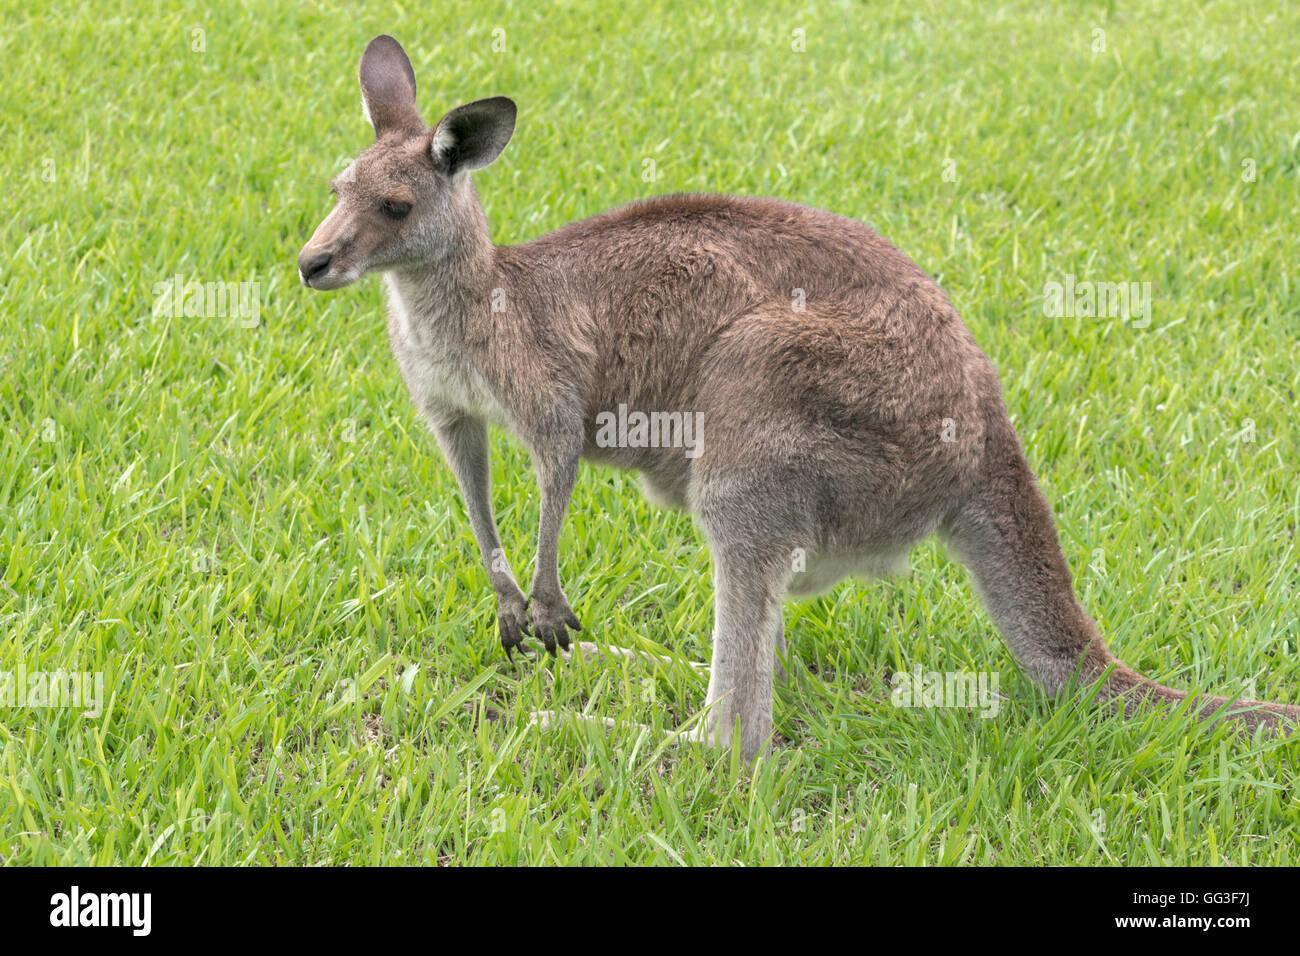 Kangourou gris, Macropus giganteus, photographiés dans un milieu semi-urbain, dans le sud du Queensland, en Photo Stock